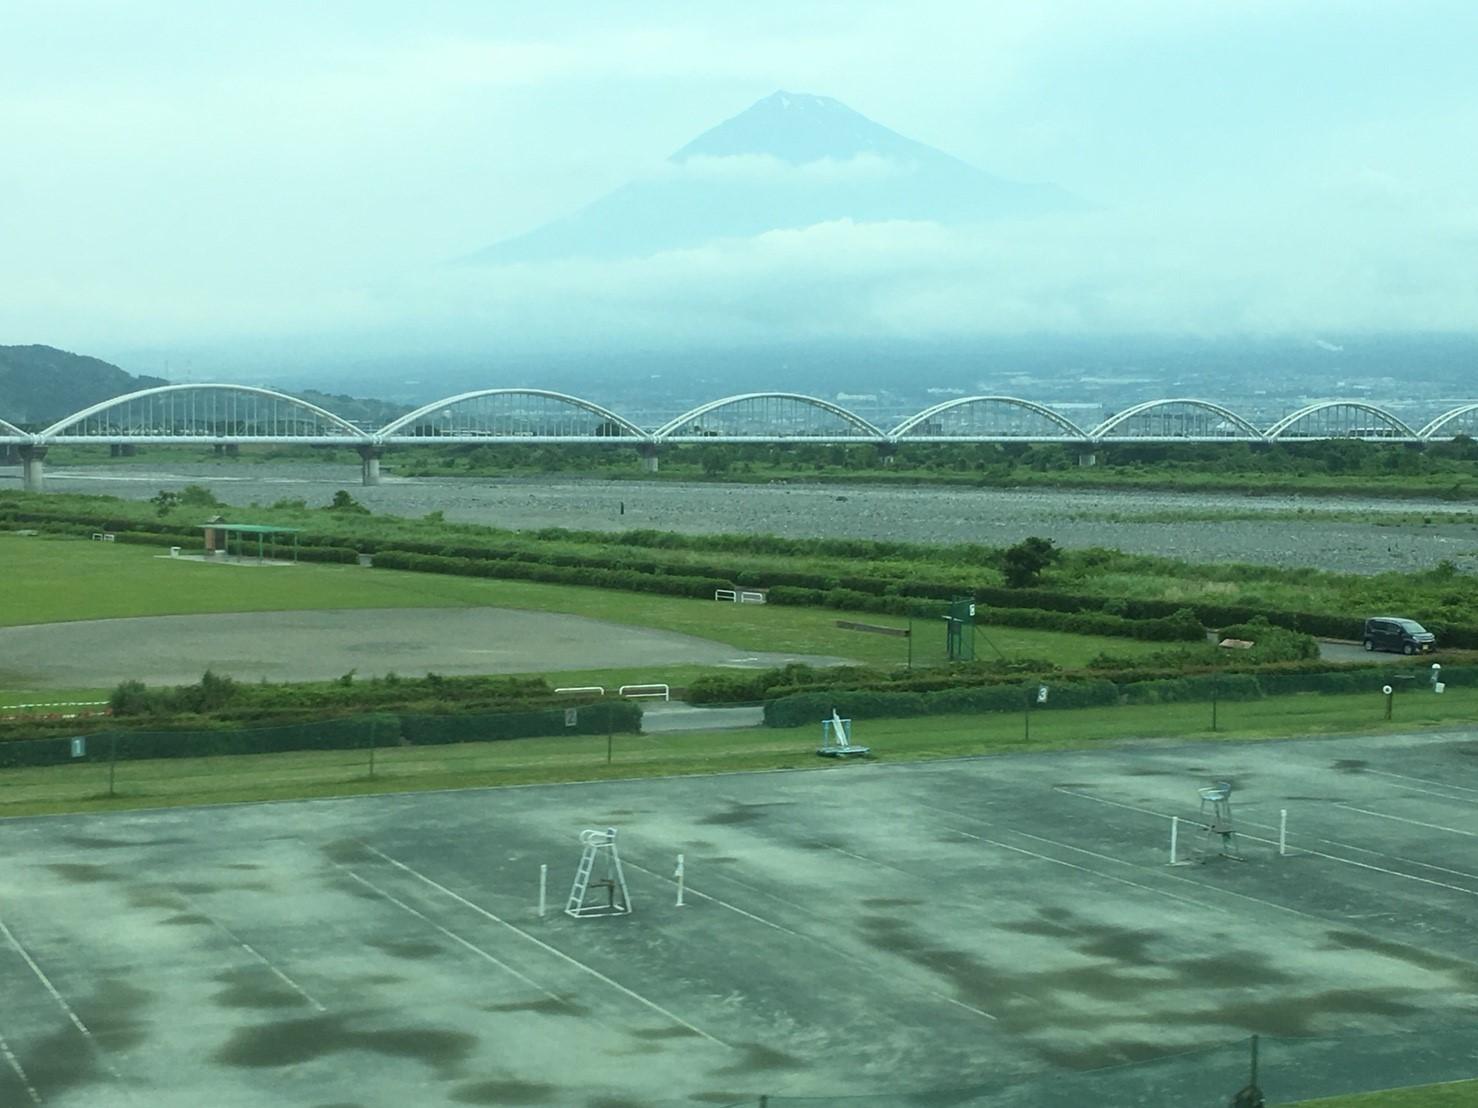 富士山ビューシリーズ 2018/5/28  今朝の新幹線からの富士山_b0011584_09352695.jpg